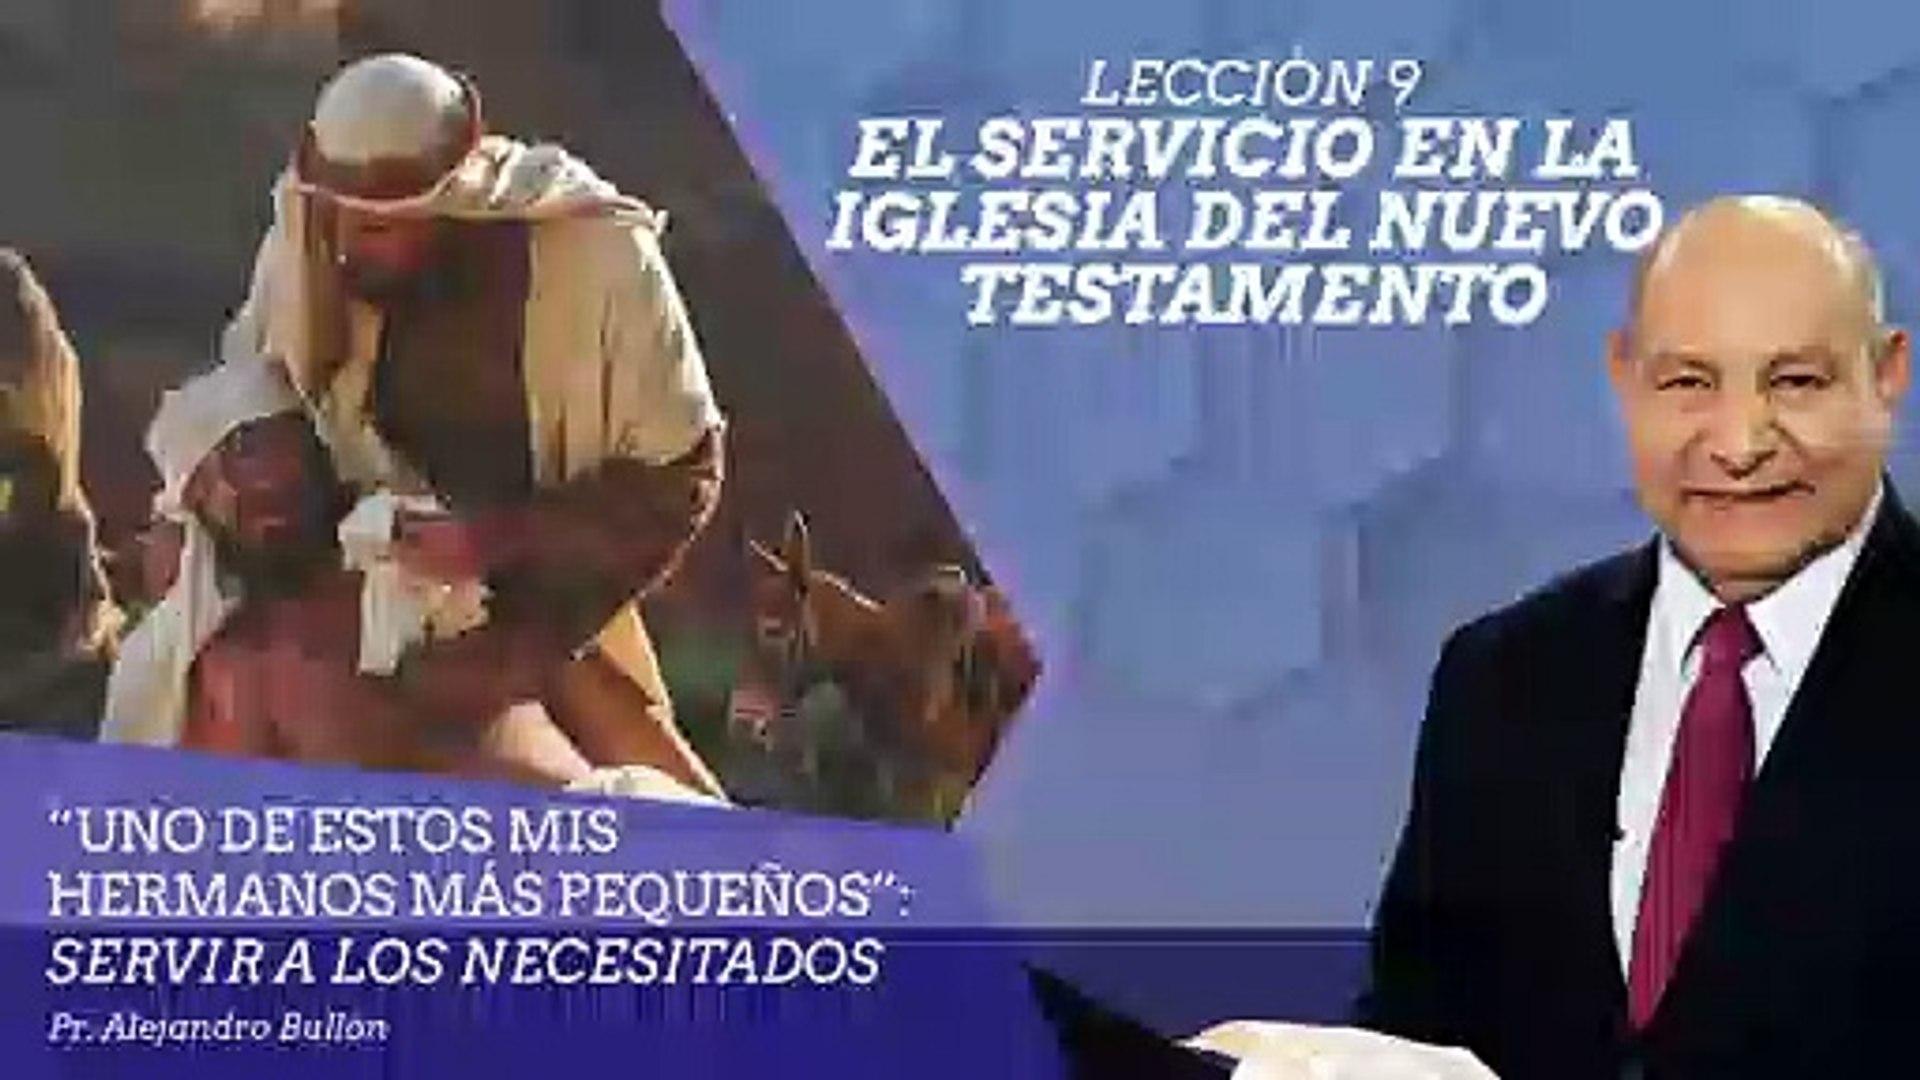 Lección 9: El servicio en la iglesia del Nuevo Testamento - Ptr. Alejandro Bullón